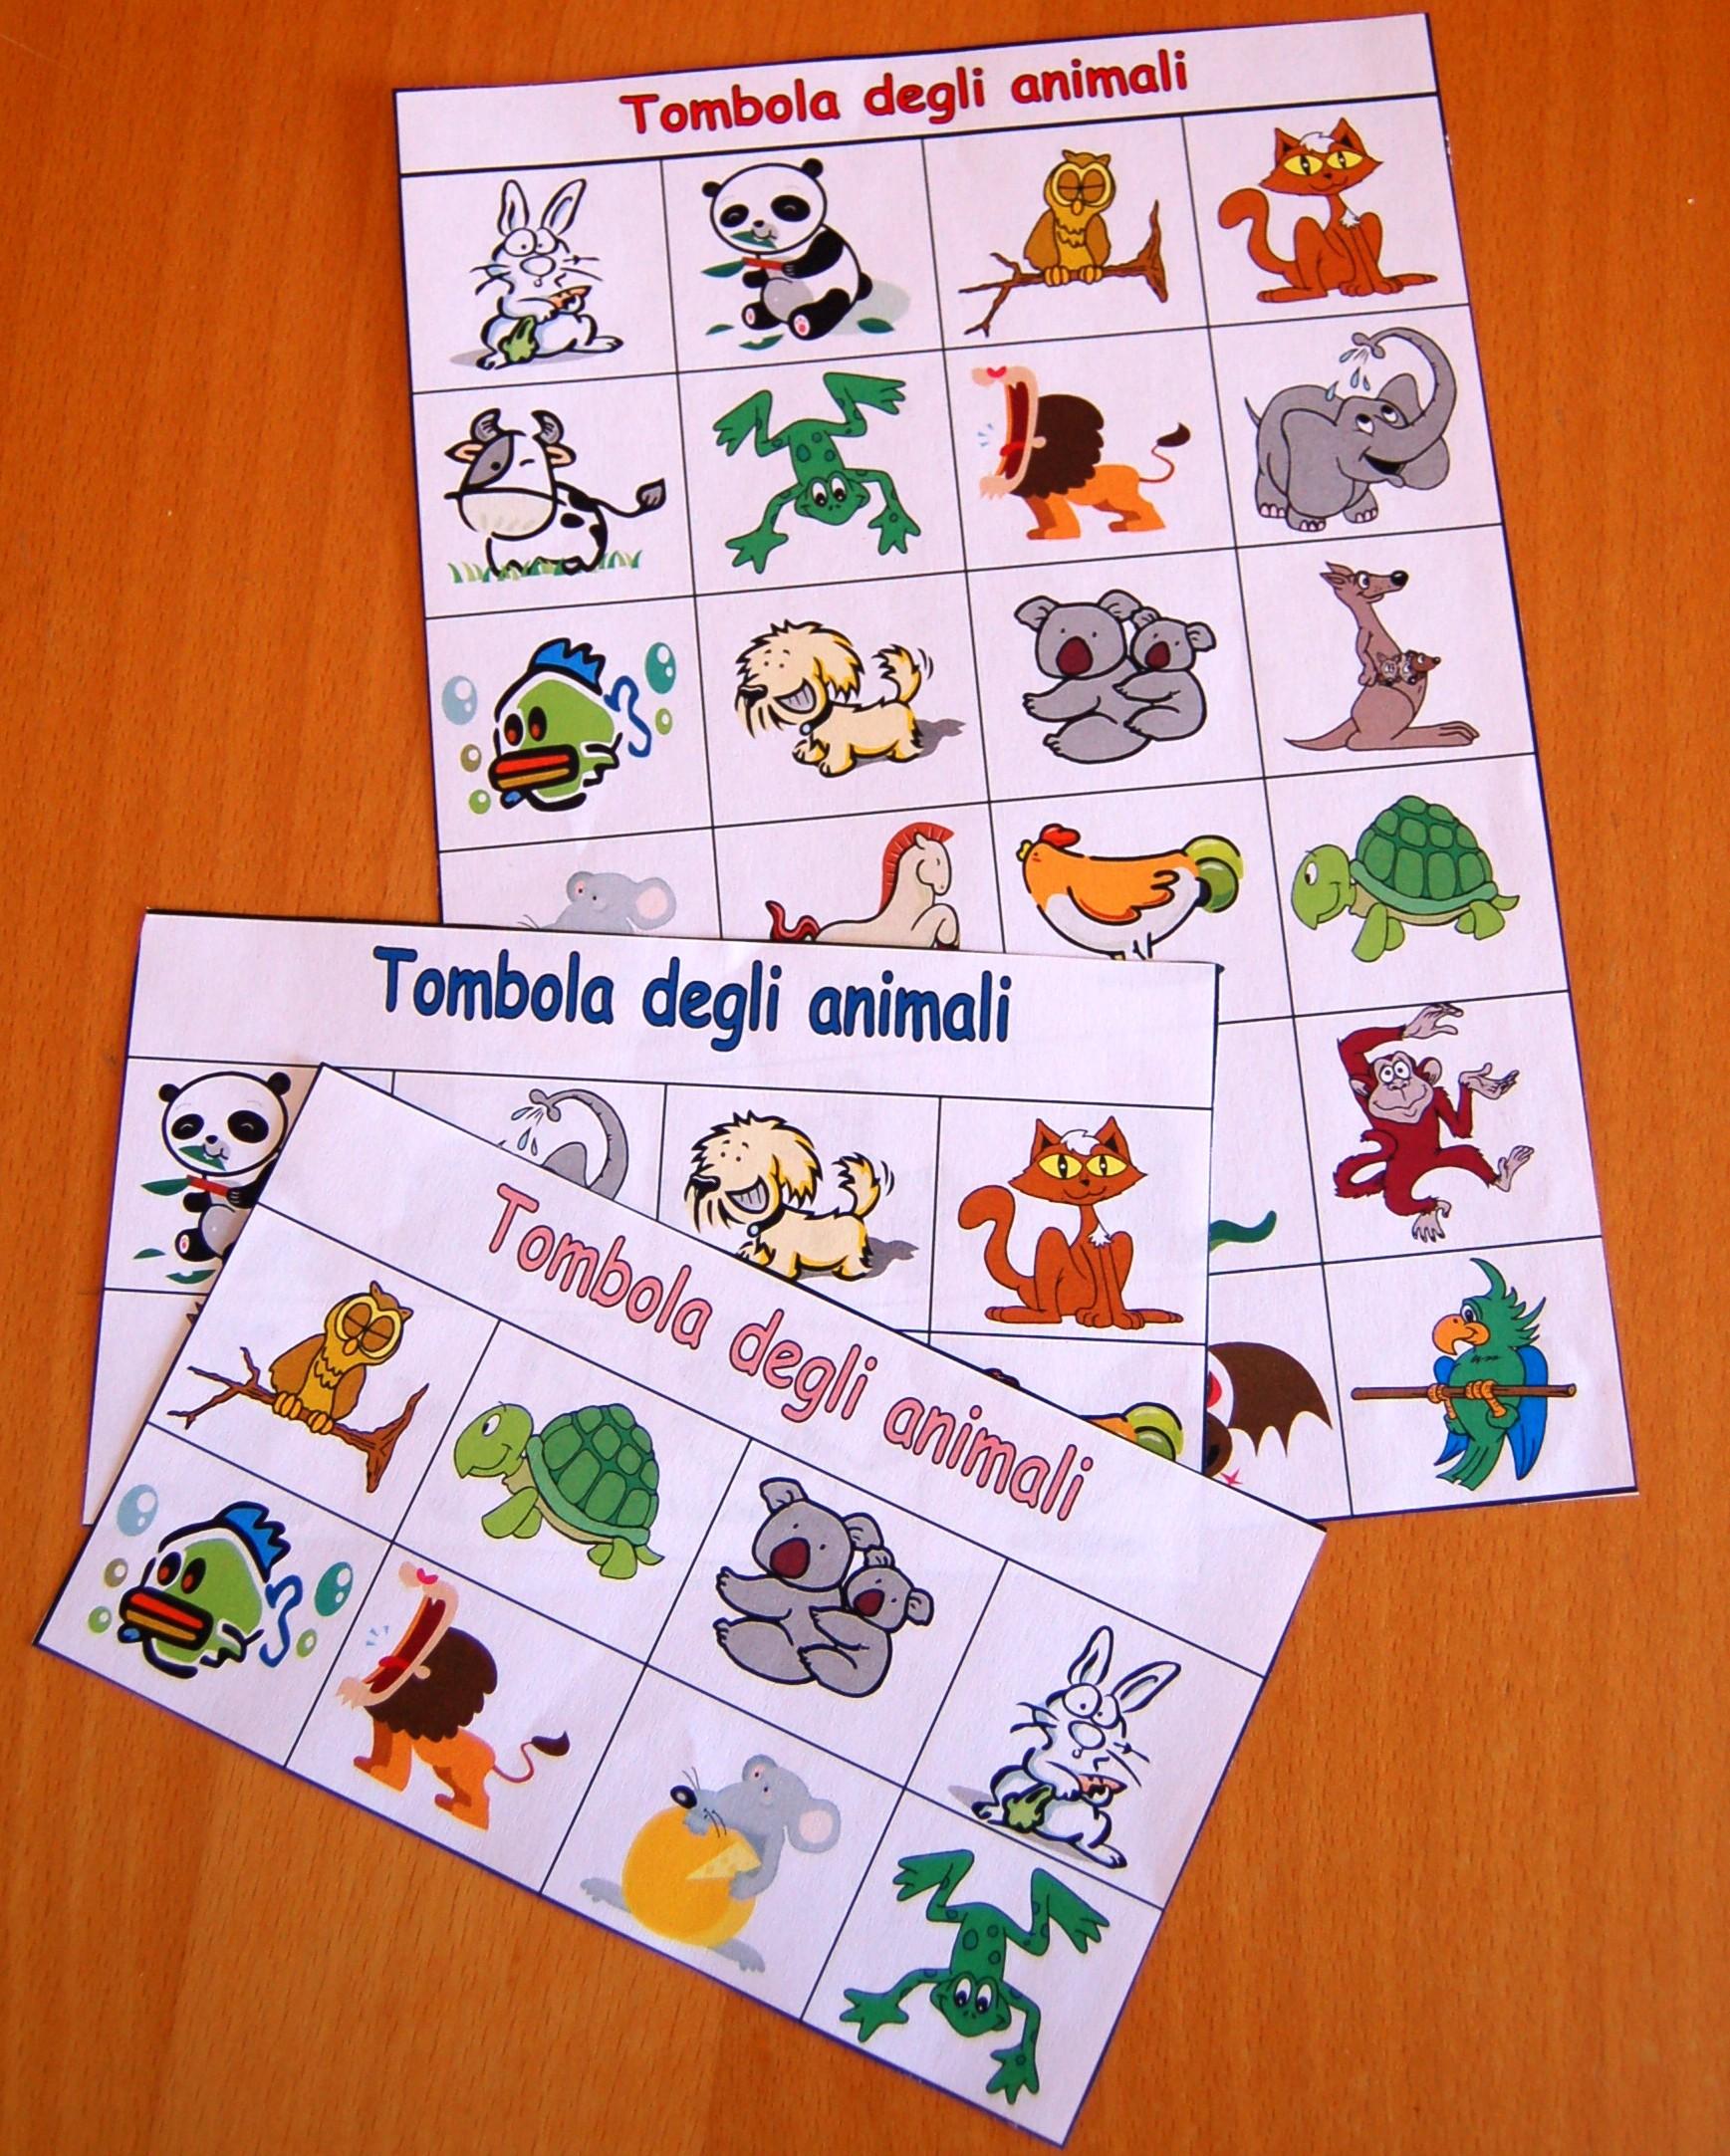 tombola animali da stampare e scaricare gratis tombola On tombola da stampare gratis per bambini